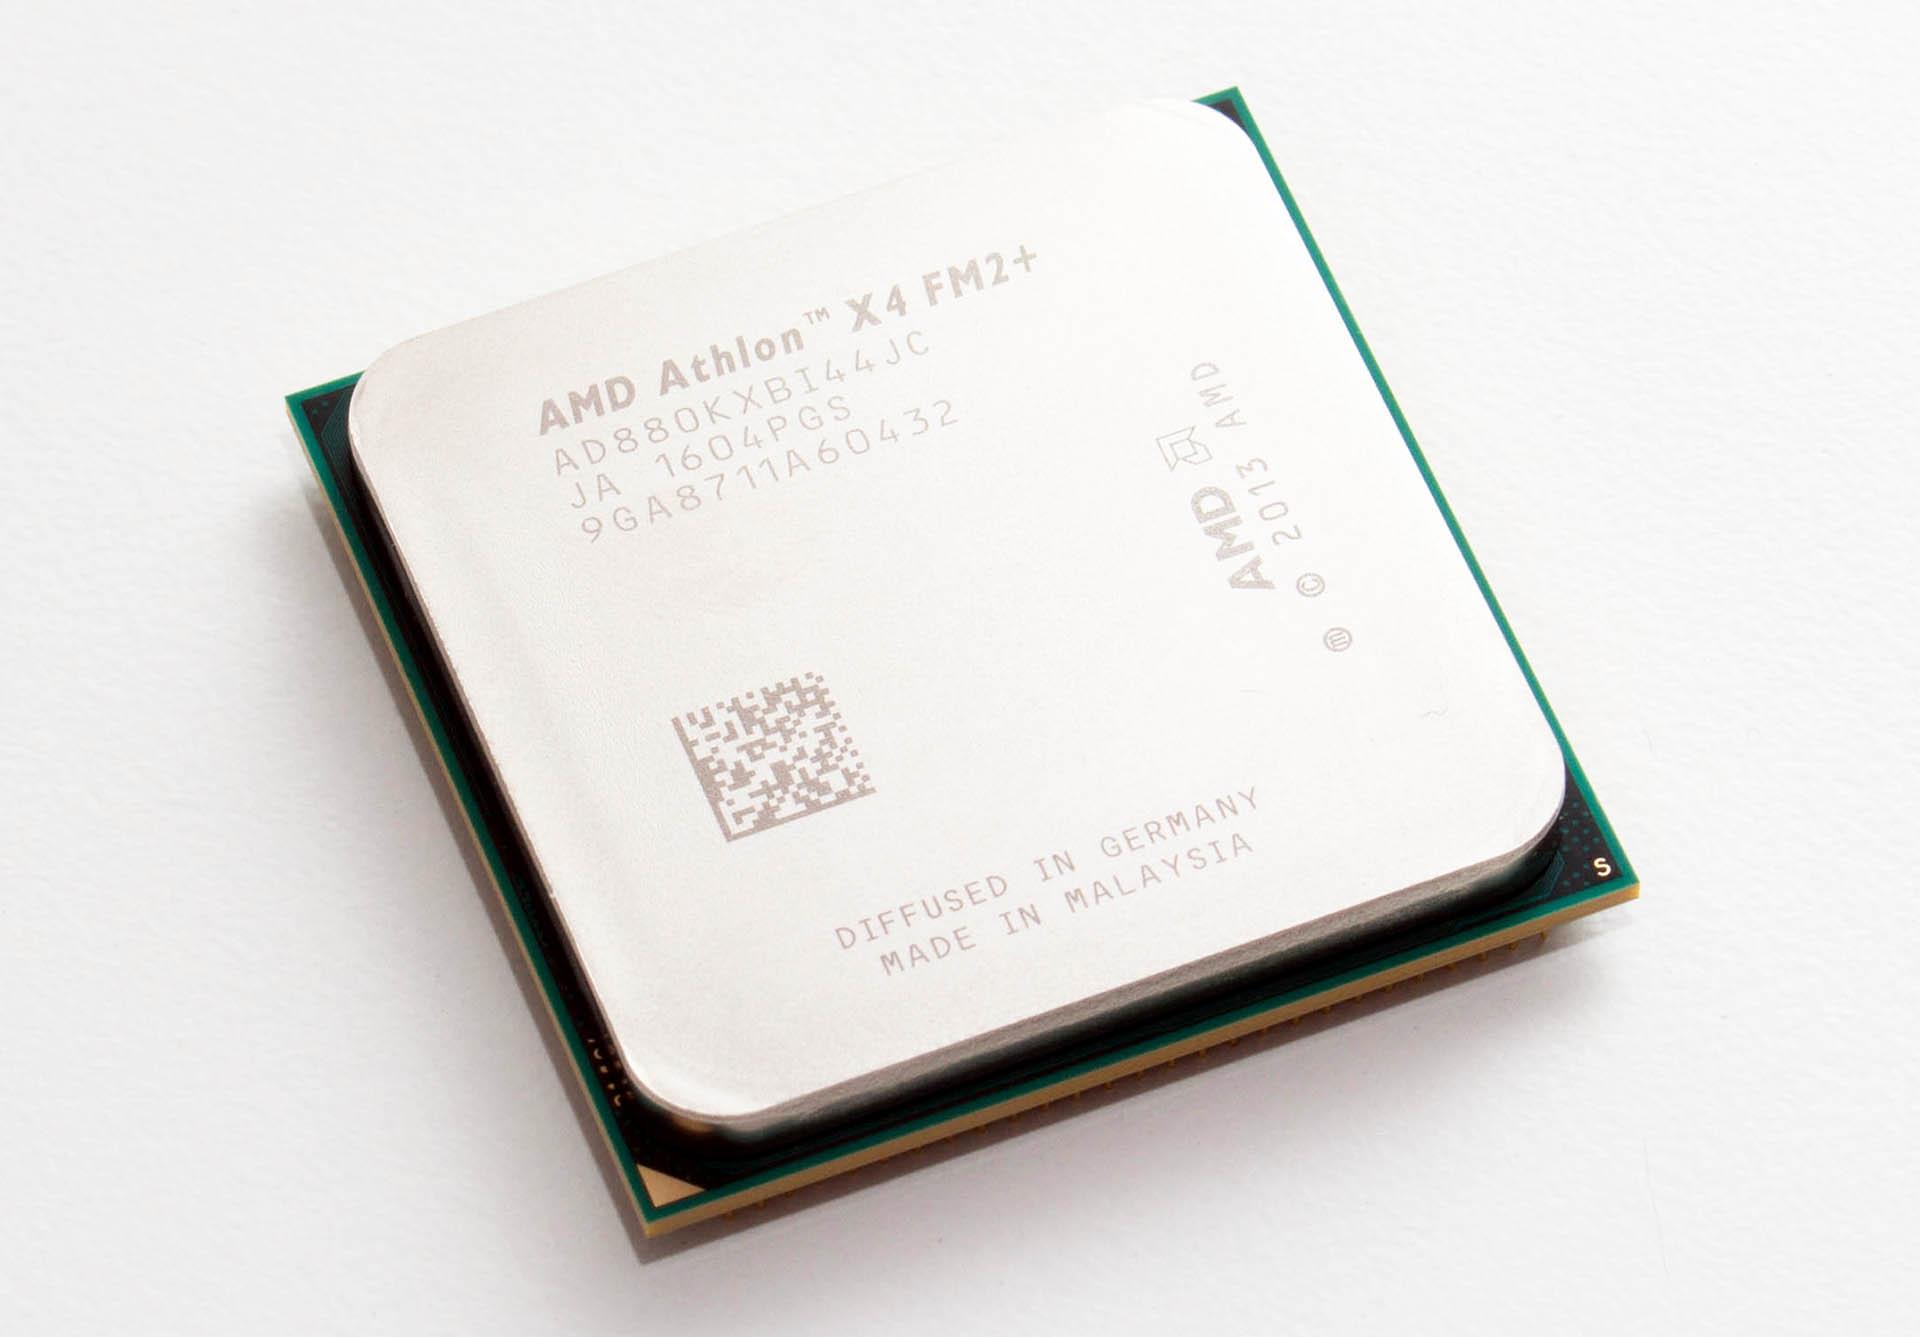 AMD Athlon X4 880K test